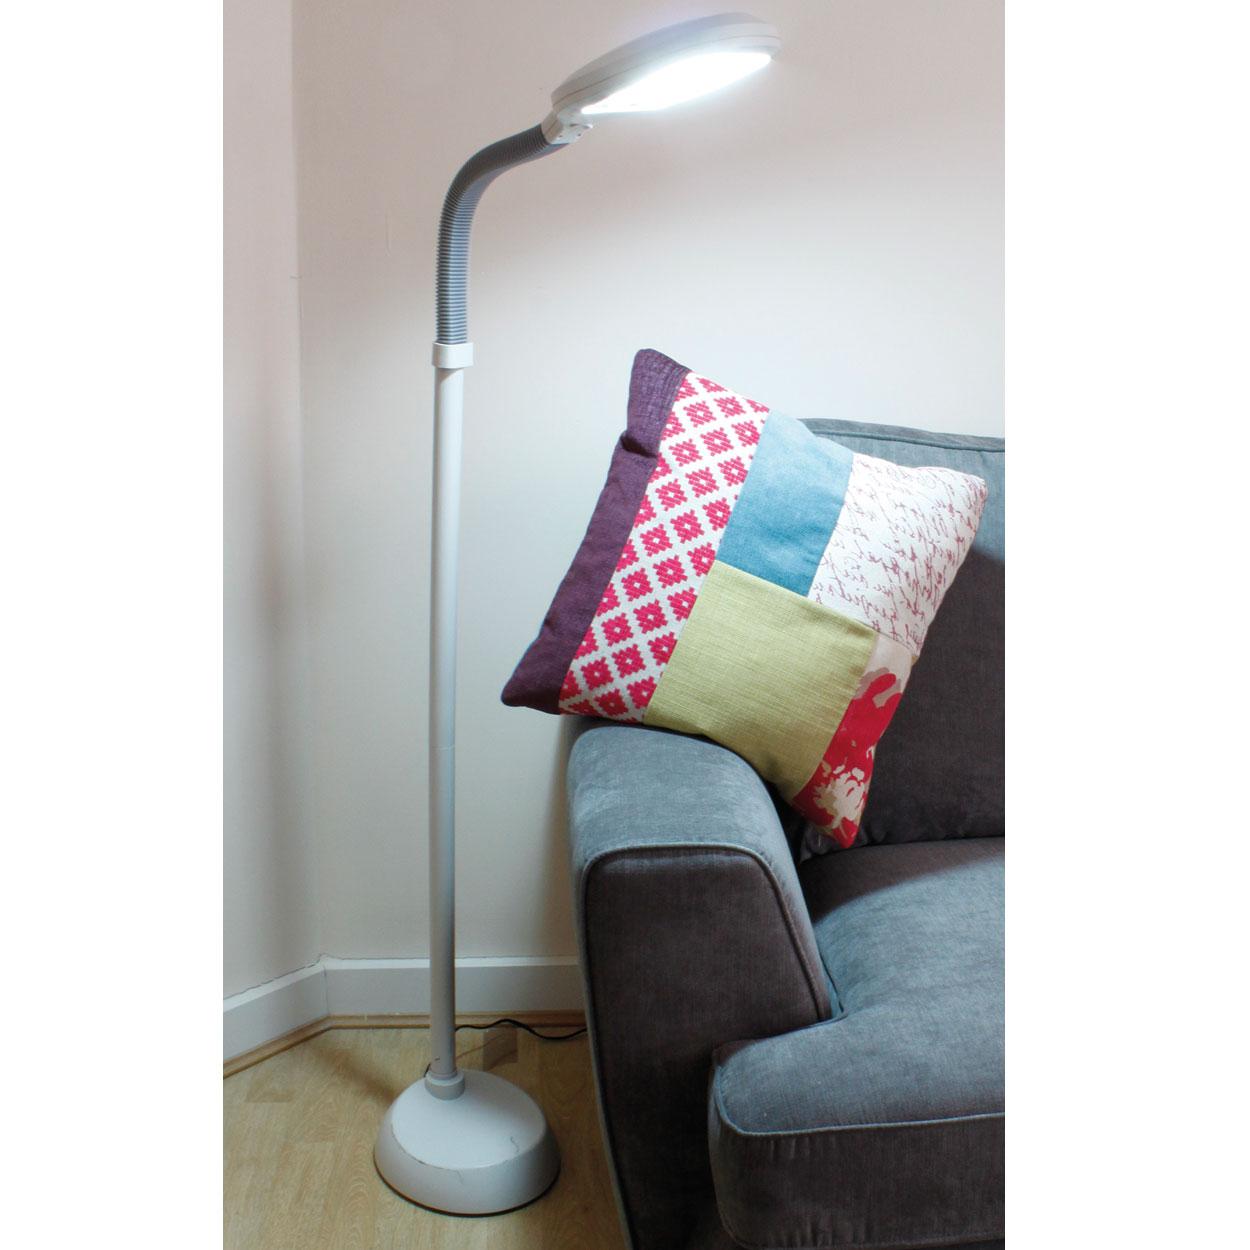 FLOOR LAMP FULL SPECTRUM  sc 1 st  Coopers of Stortford & Floorstanding Energy Saving Reading Lamp at Coopers of Stortford